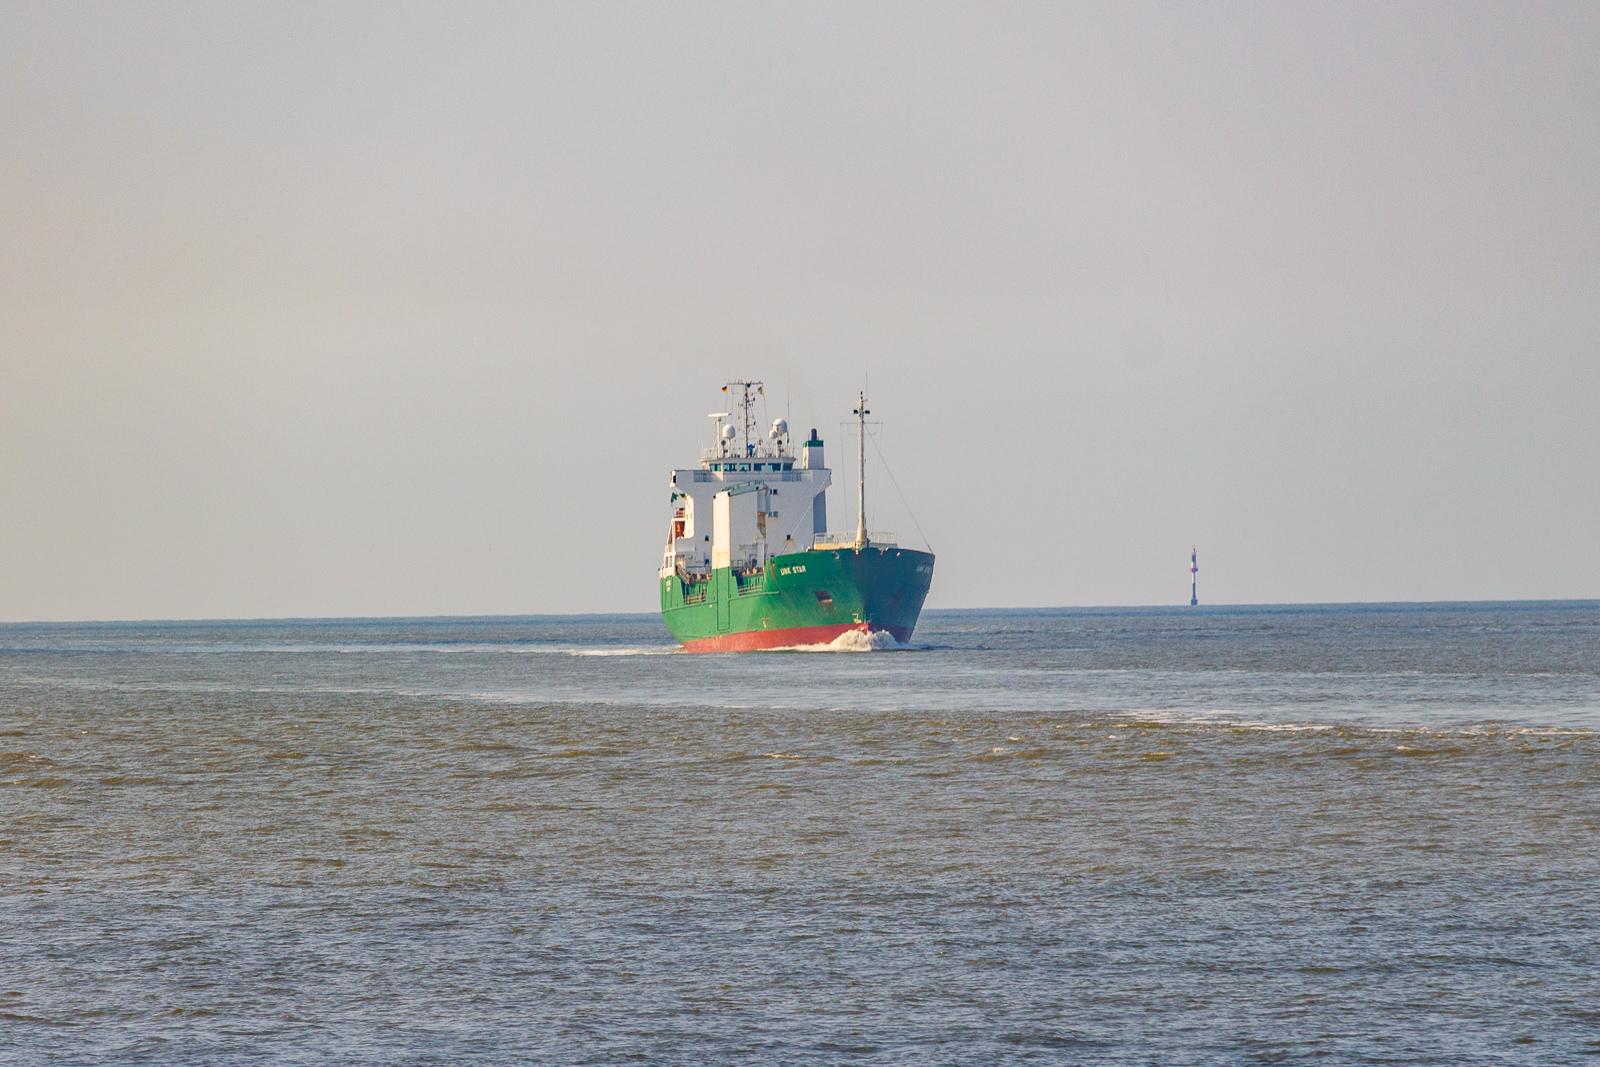 Cuxhaven, Wochenendreise, Hafen, Hafenrundfahrt, Schiffe, Boote, Alte Liebe Cuxhaven